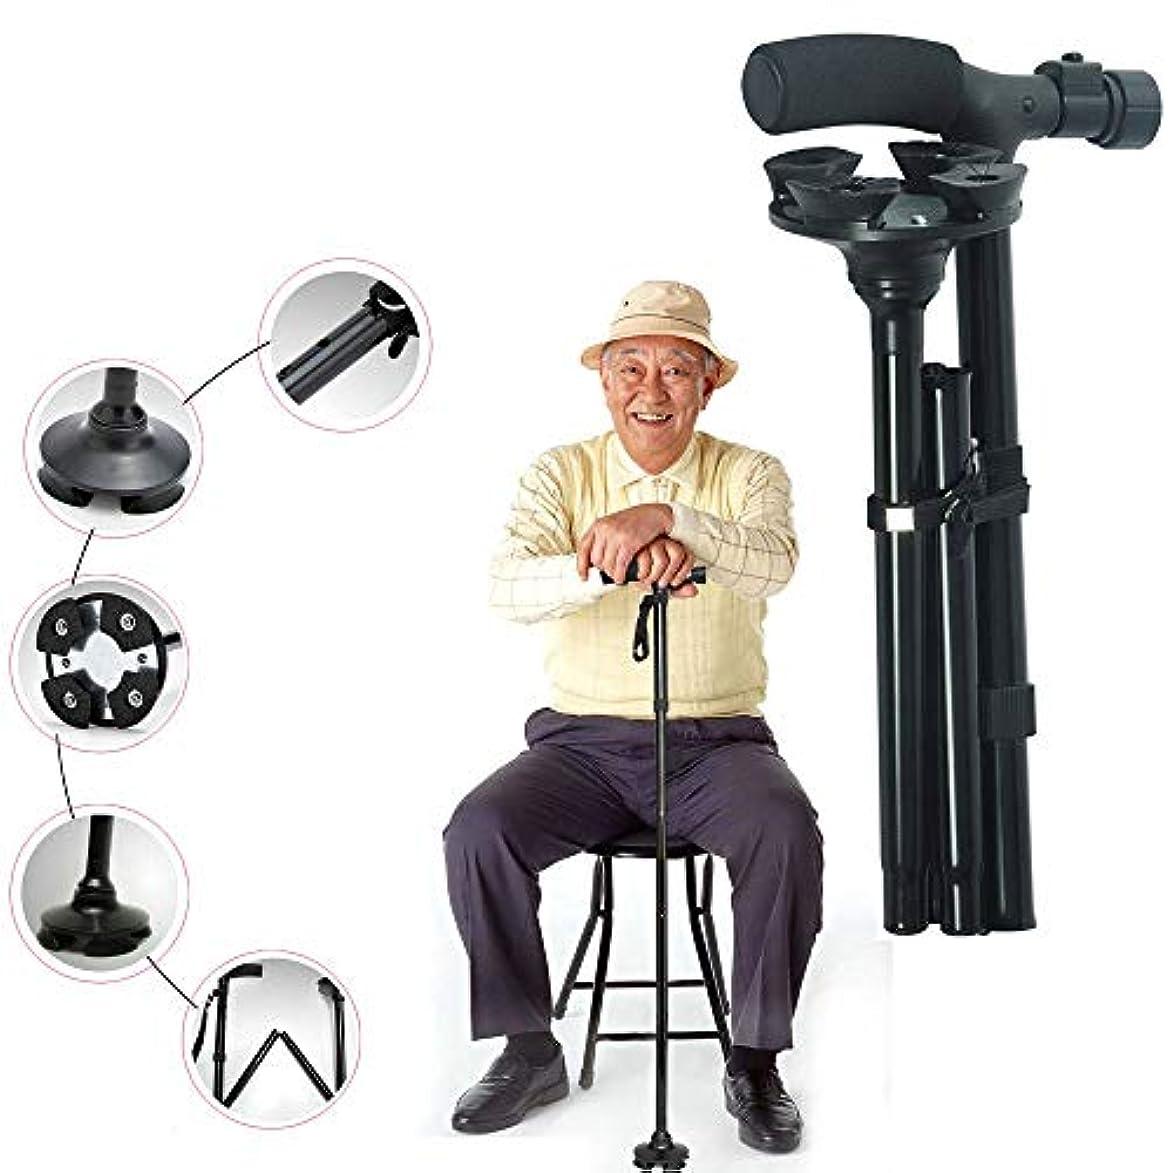 福祉復活させる維持する古い紳士と女性のための折りたたみ式歩行杖 - LEDライト付きアルミ合金杖& ピボットクワッドベース - 調節可能な5つの高さ